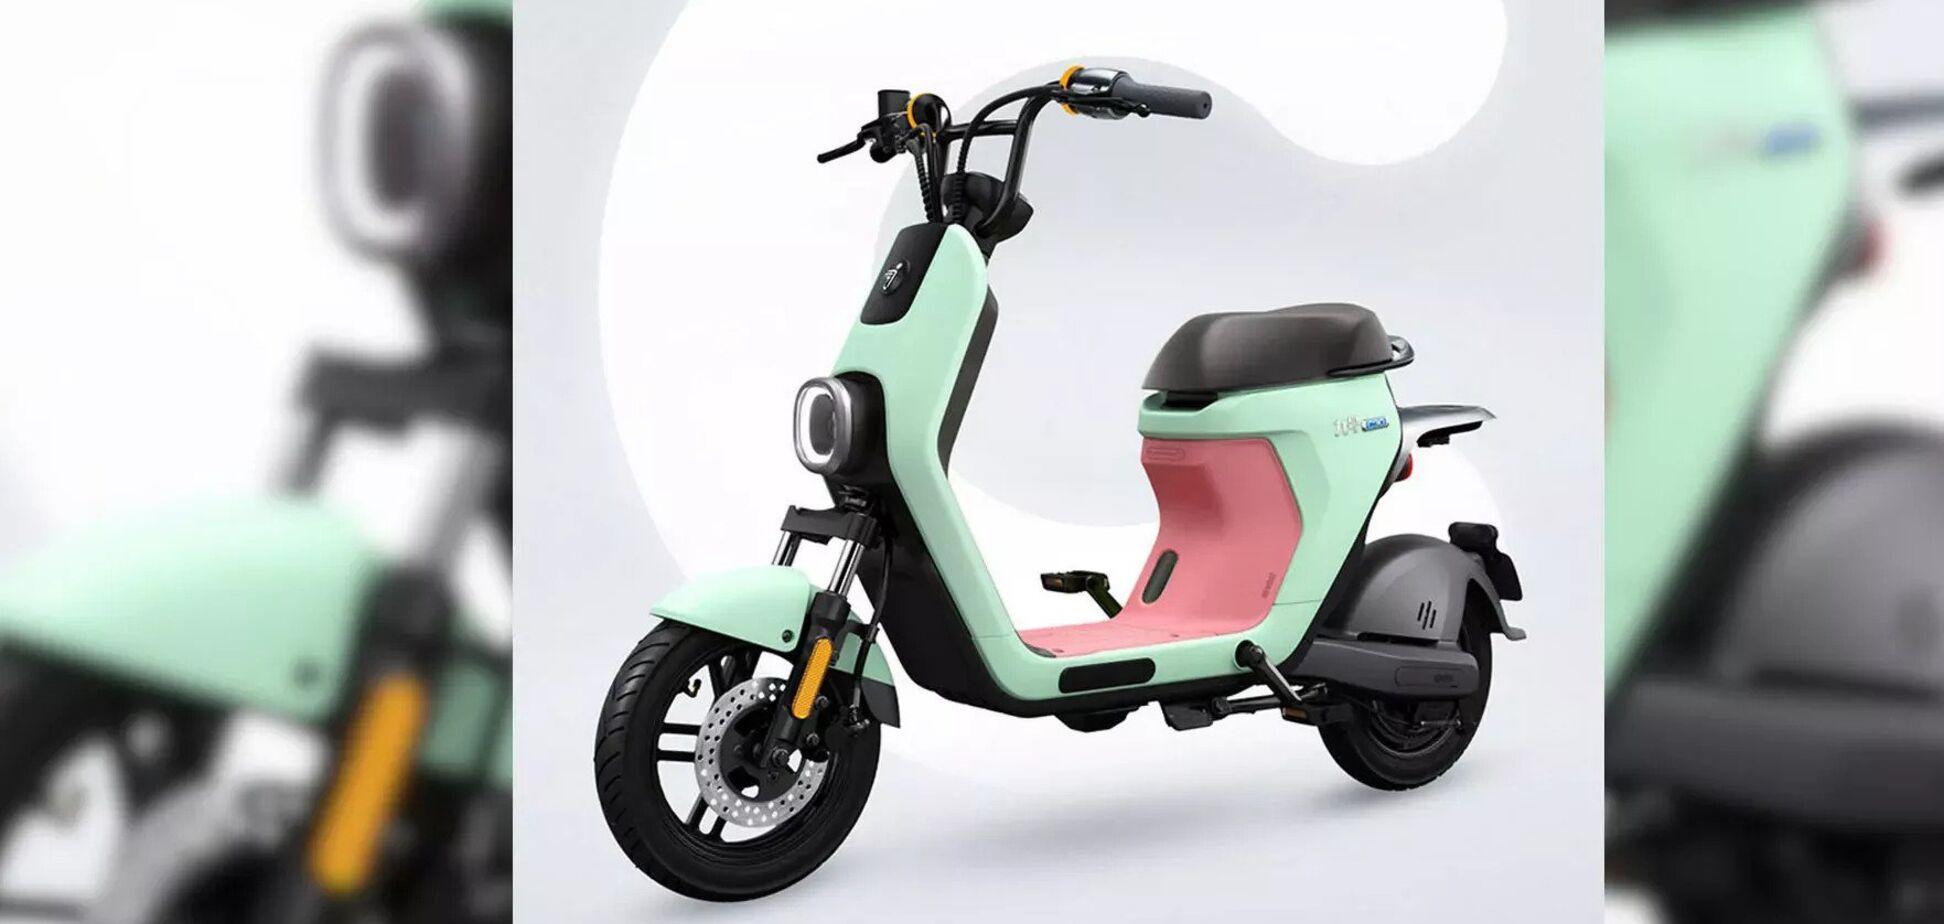 Xiaomi выпустила идеальный транспорт для города за 440 евро